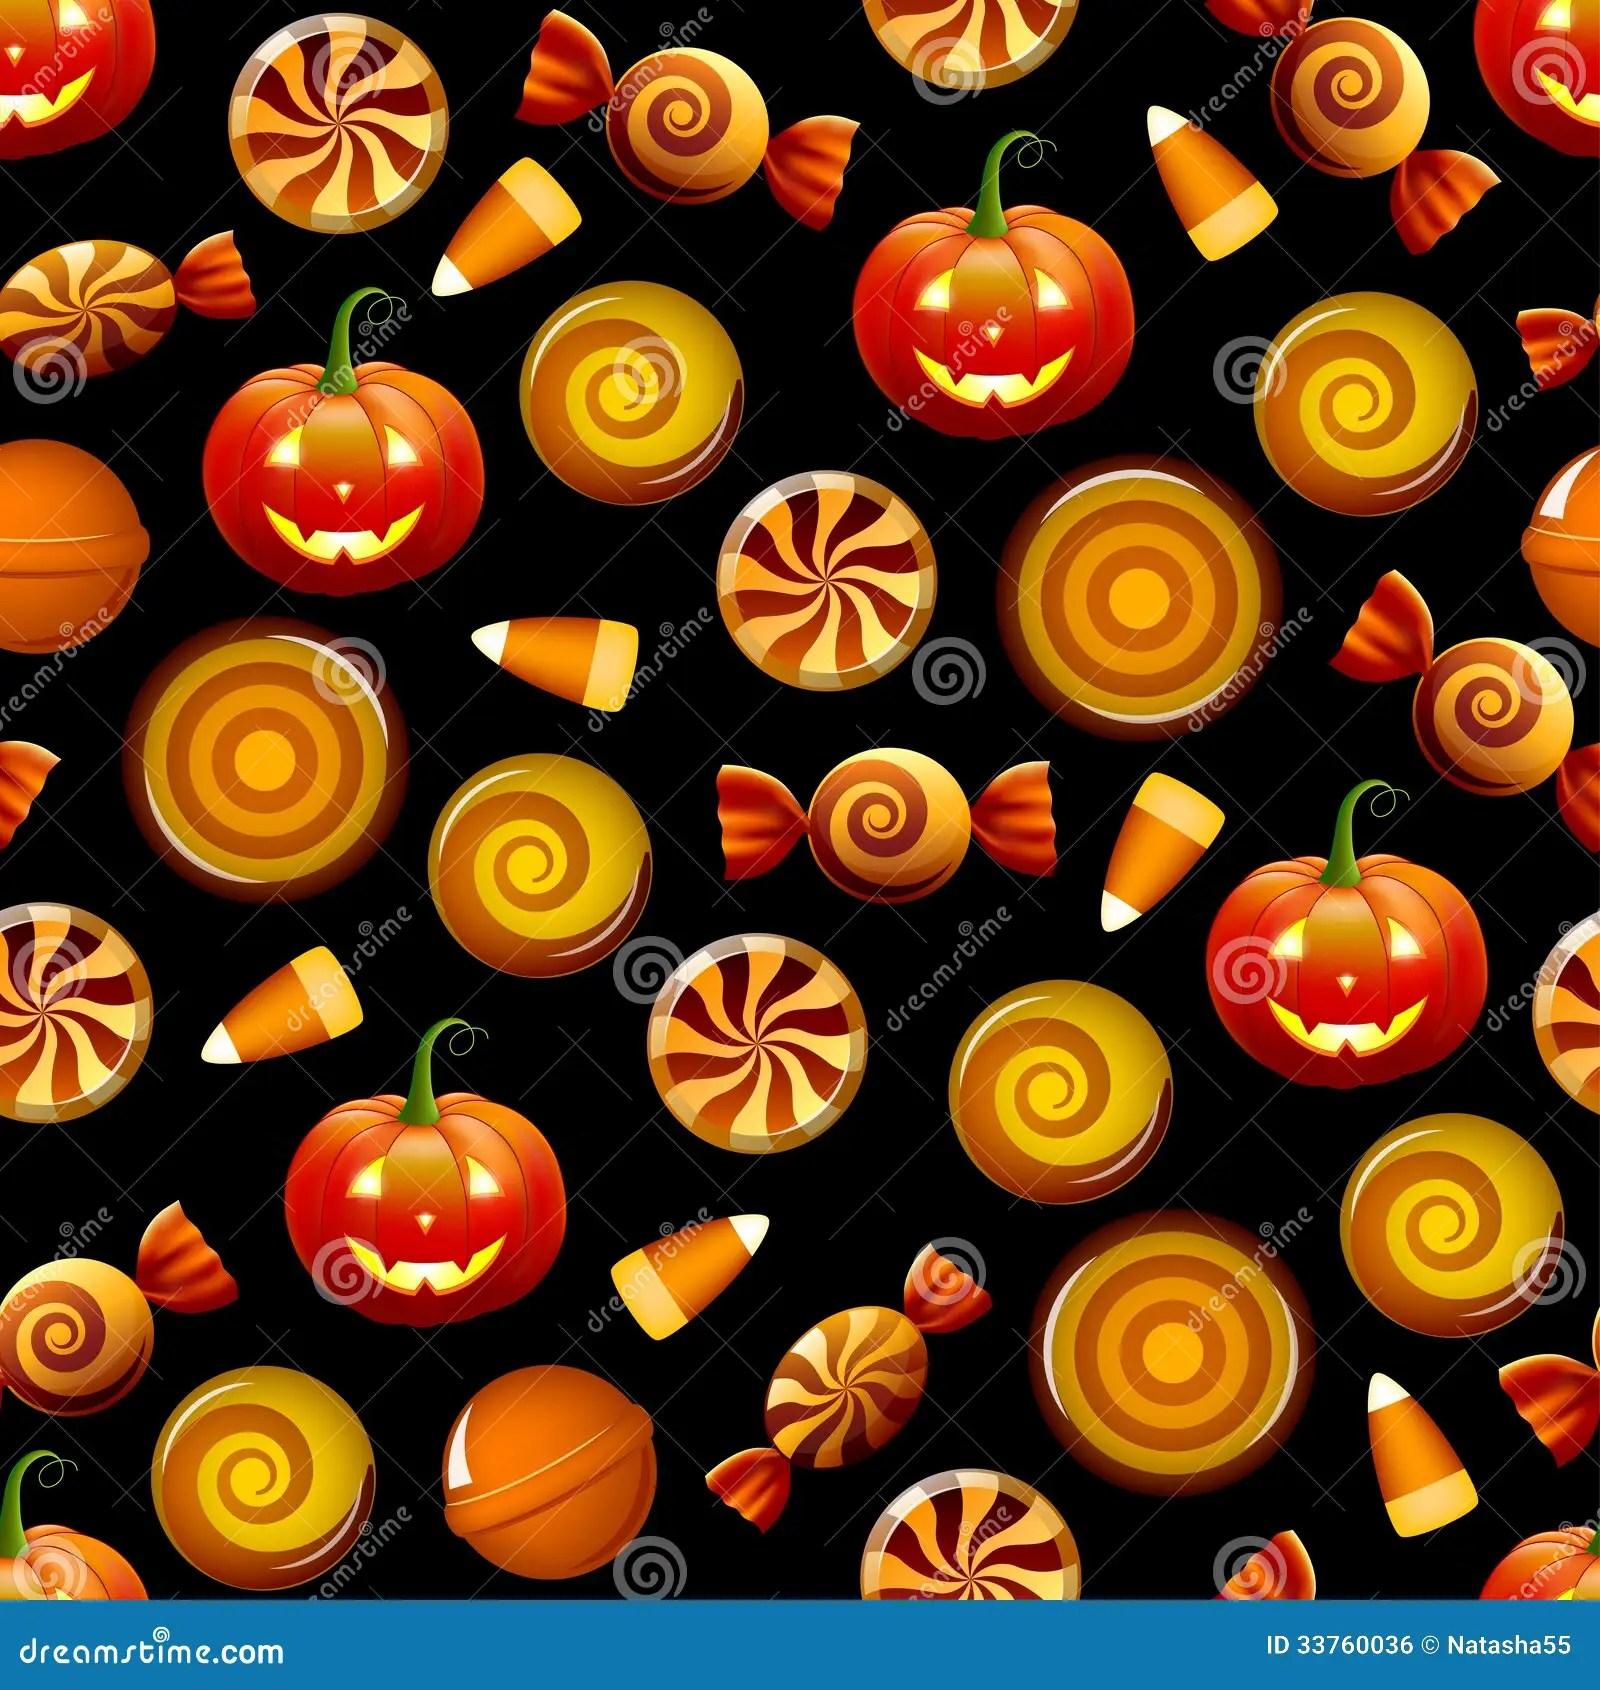 Free Fall Pumpkin Desktop Wallpaper Halloween Candy Seamless Pattern With Pumpkins Stock